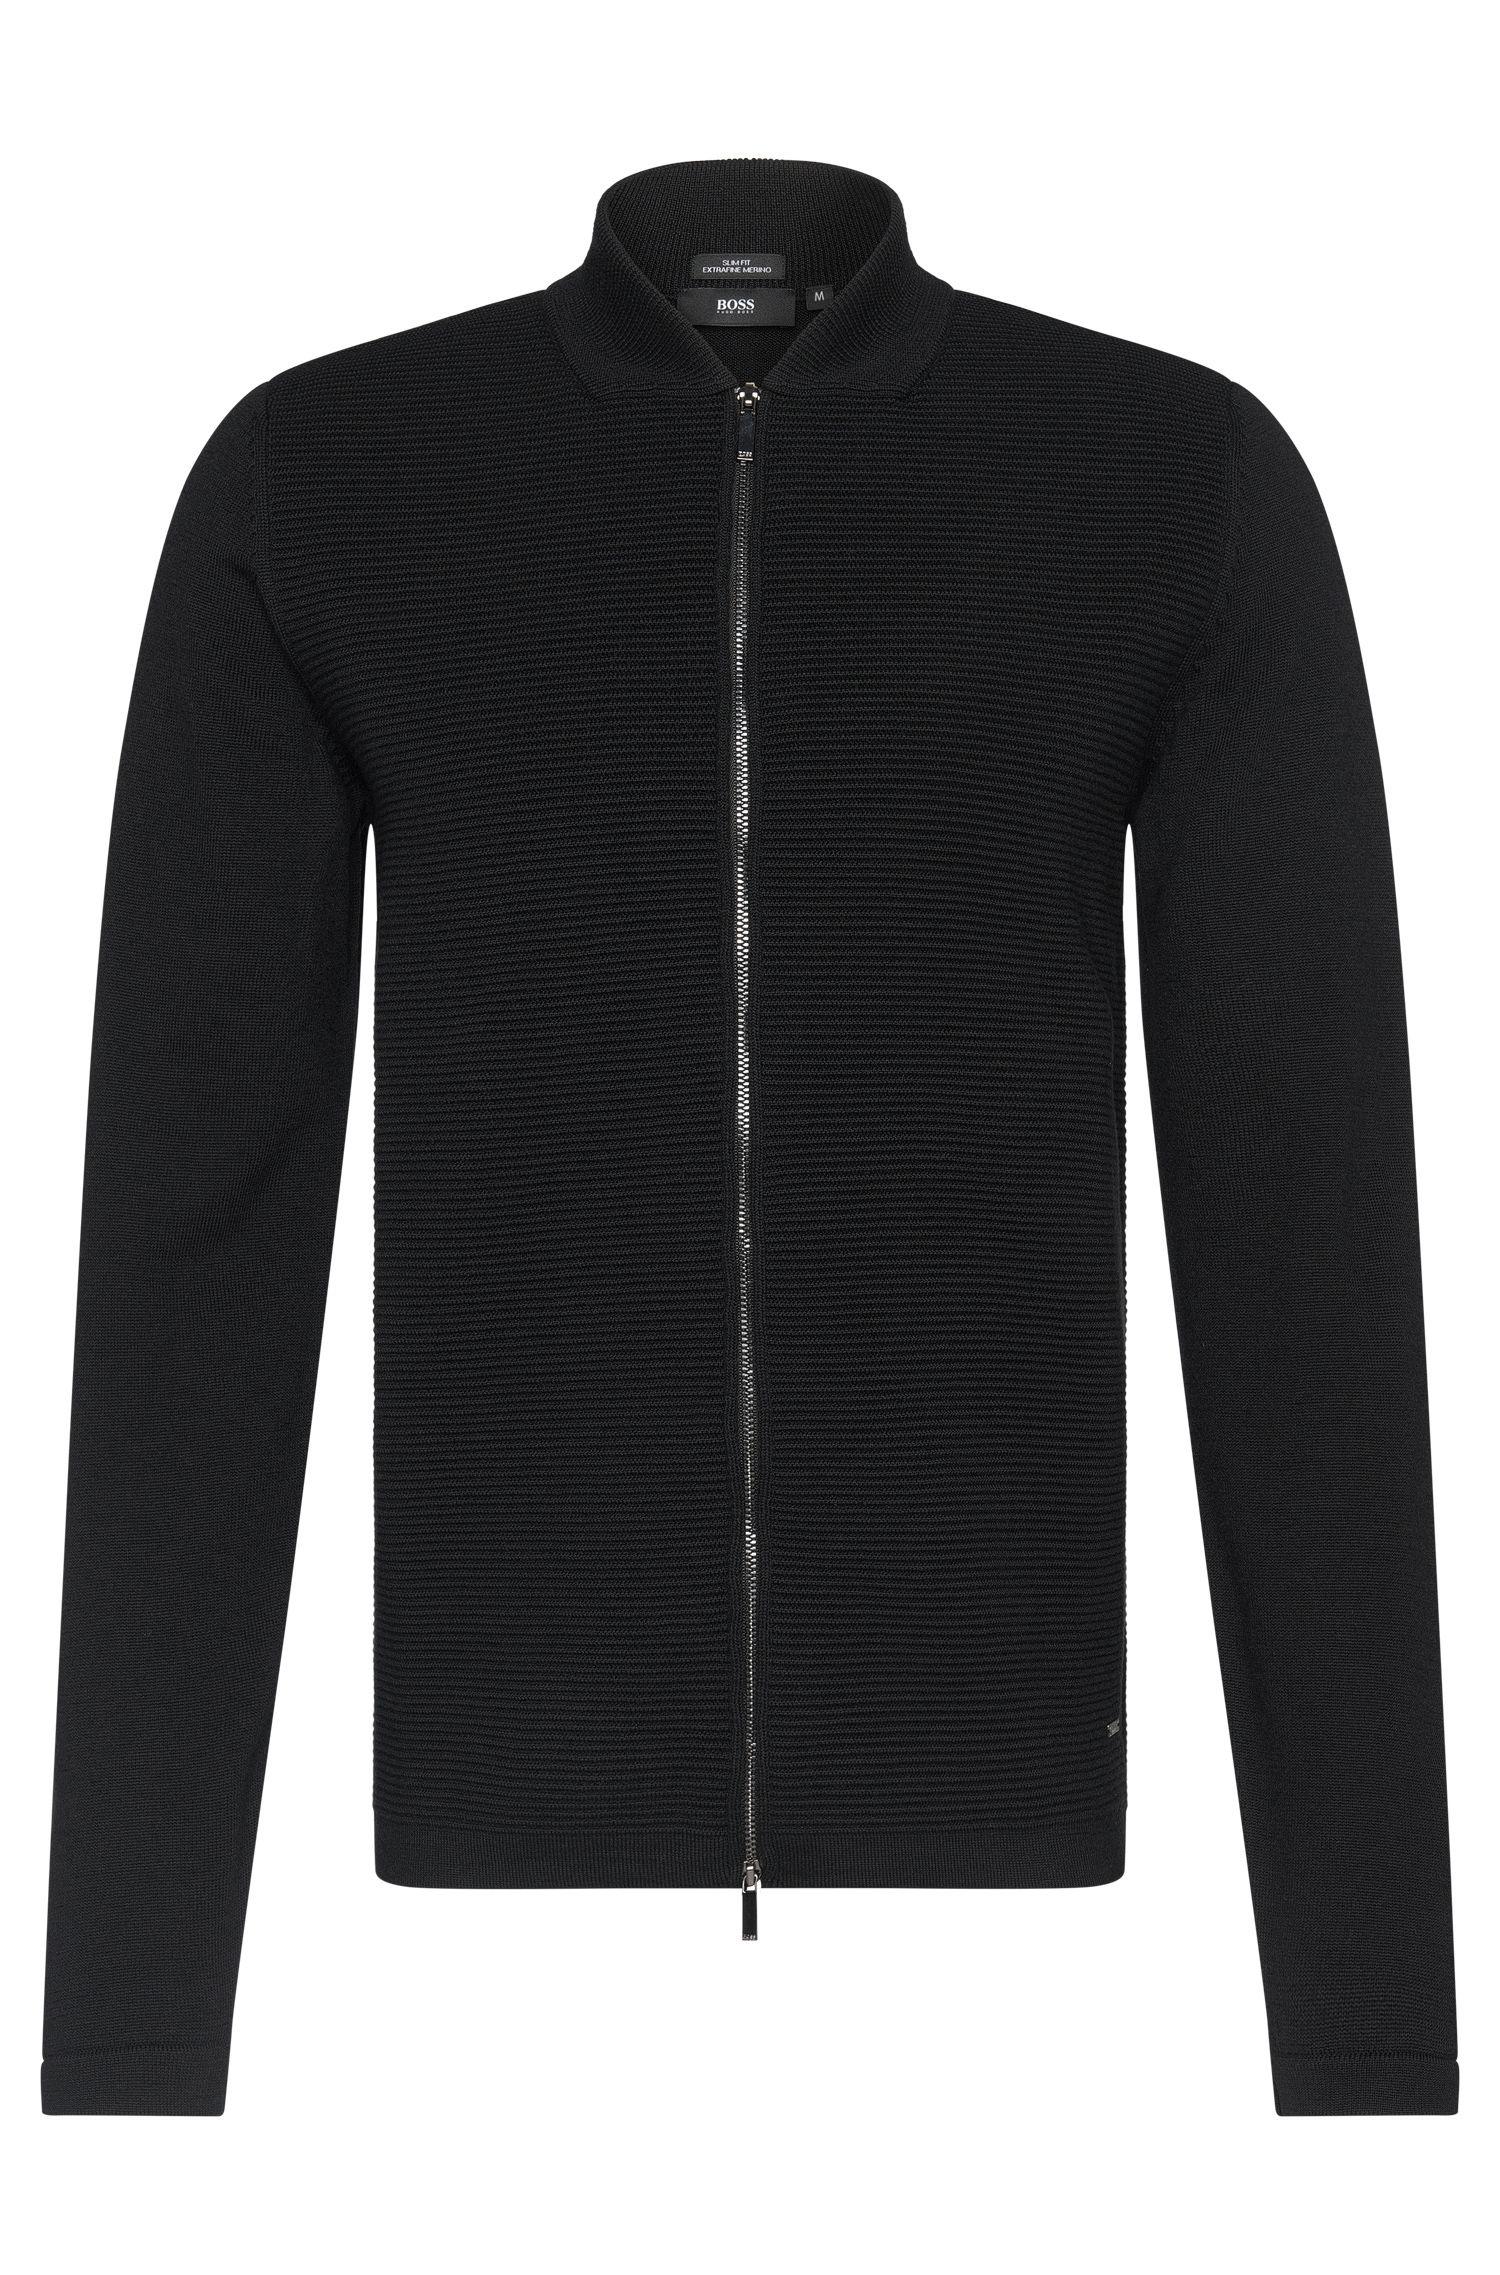 'Inat' | Virgin Wool Ottoman Zip Sweater Jacket